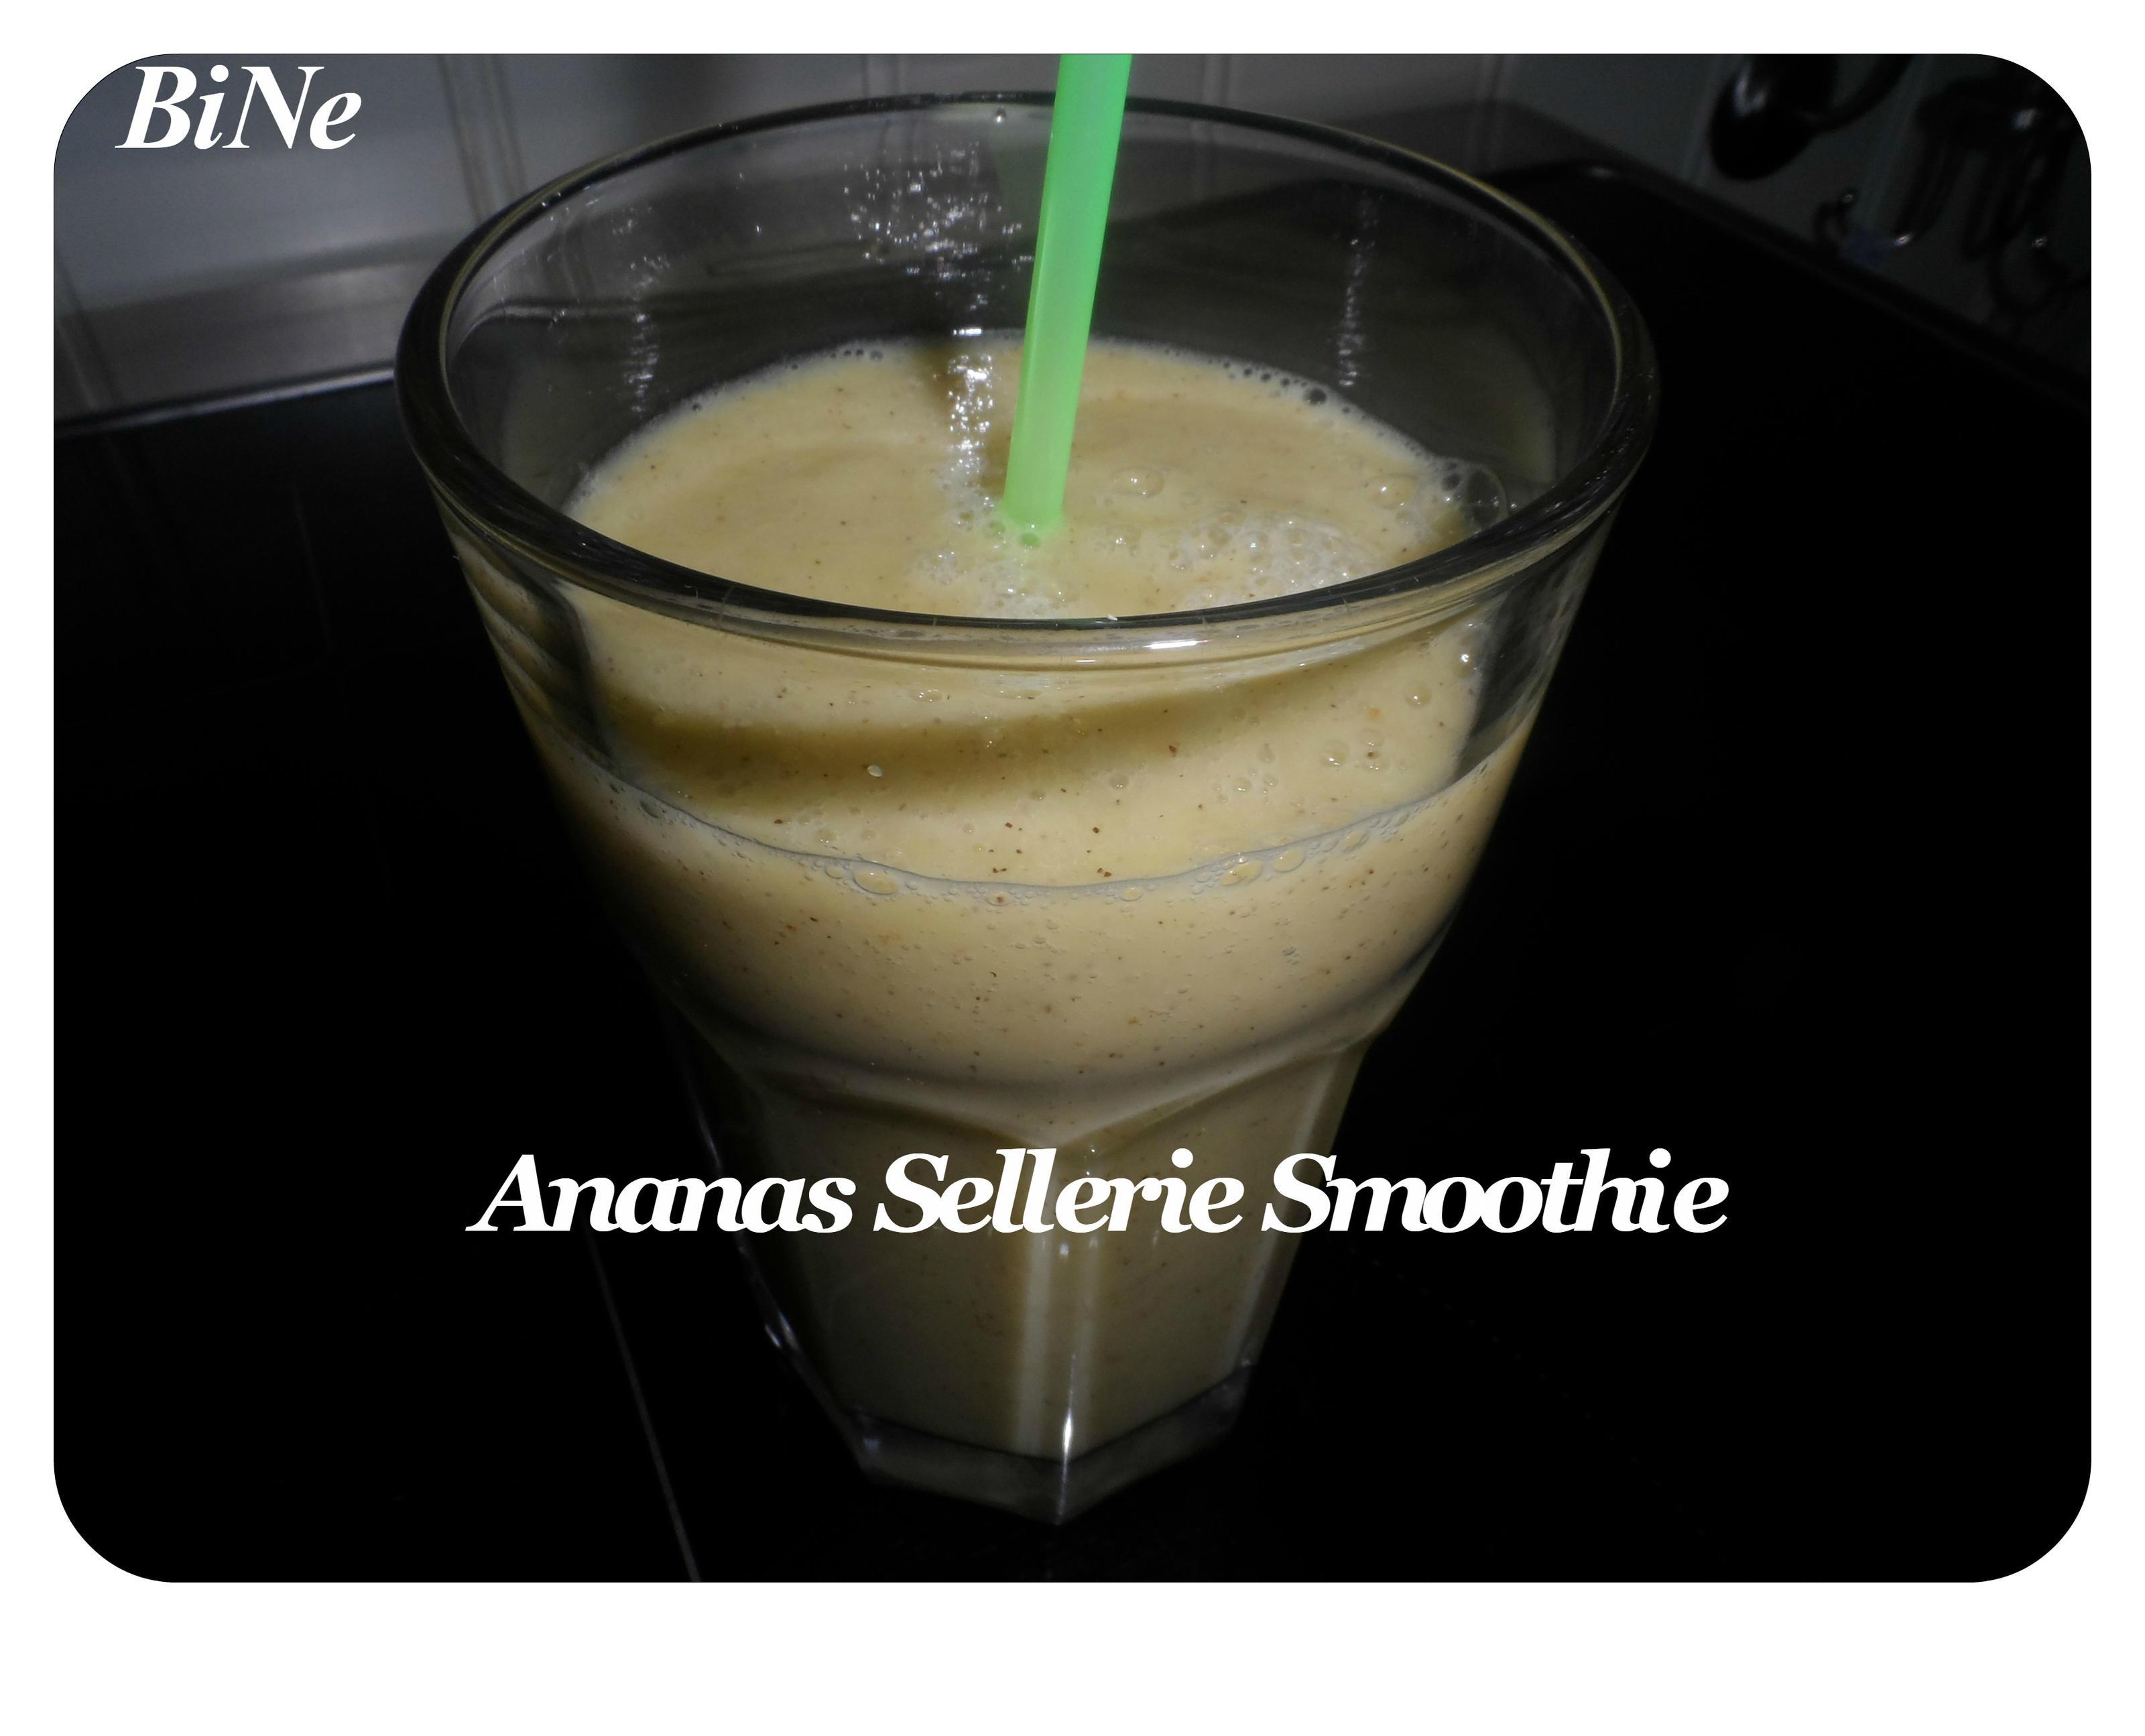 BiNe` S ANANAS SELLERIE SMOOTHIE - Rezept Eingereicht von Bine13100